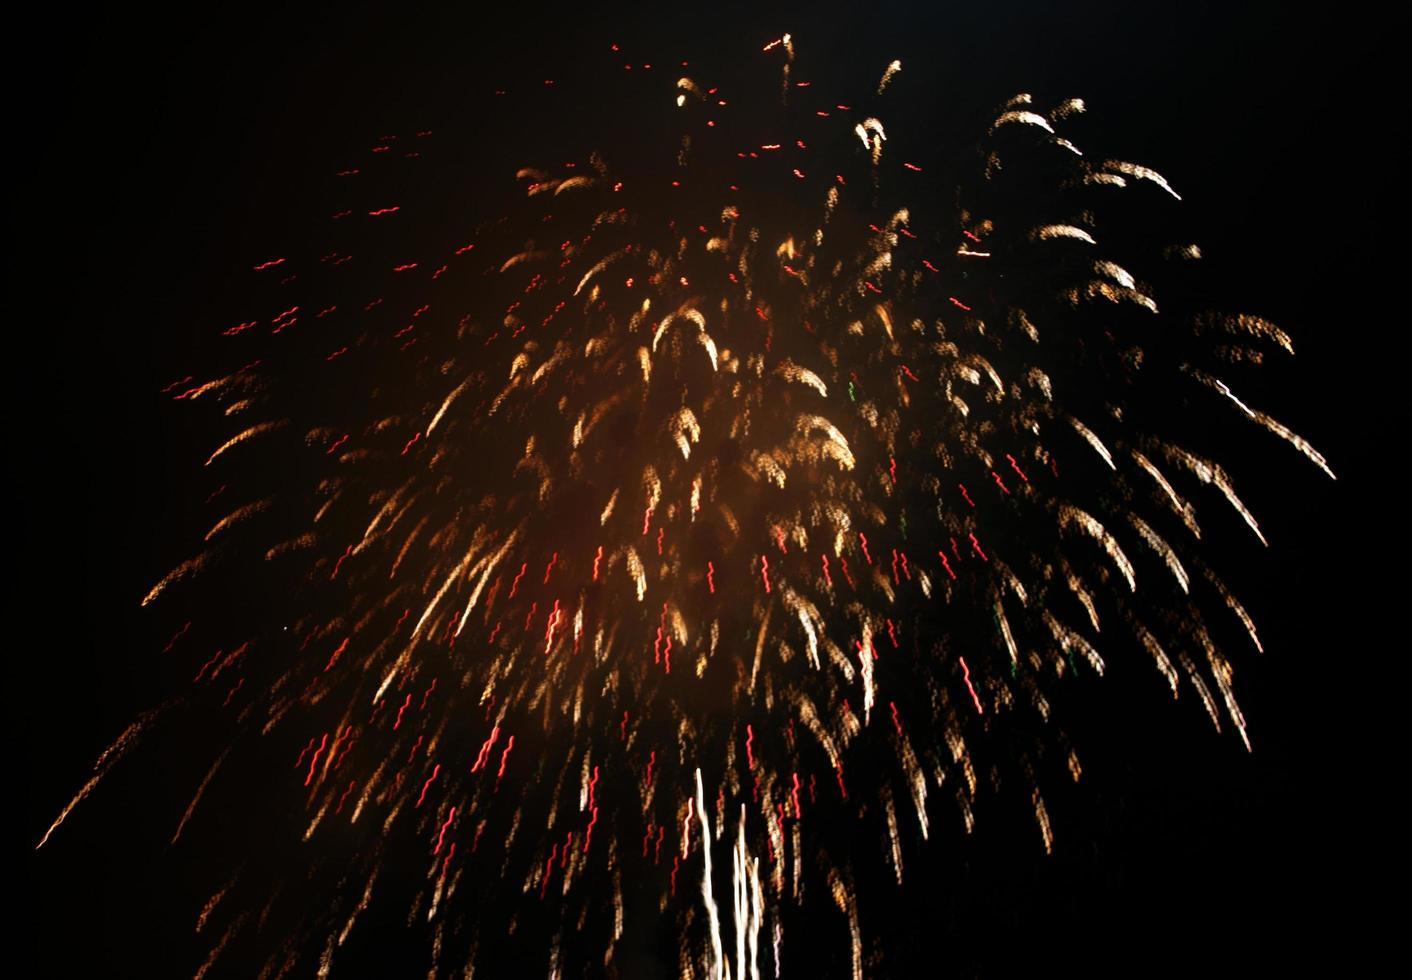 feux d'artifice d'or dans le ciel photo